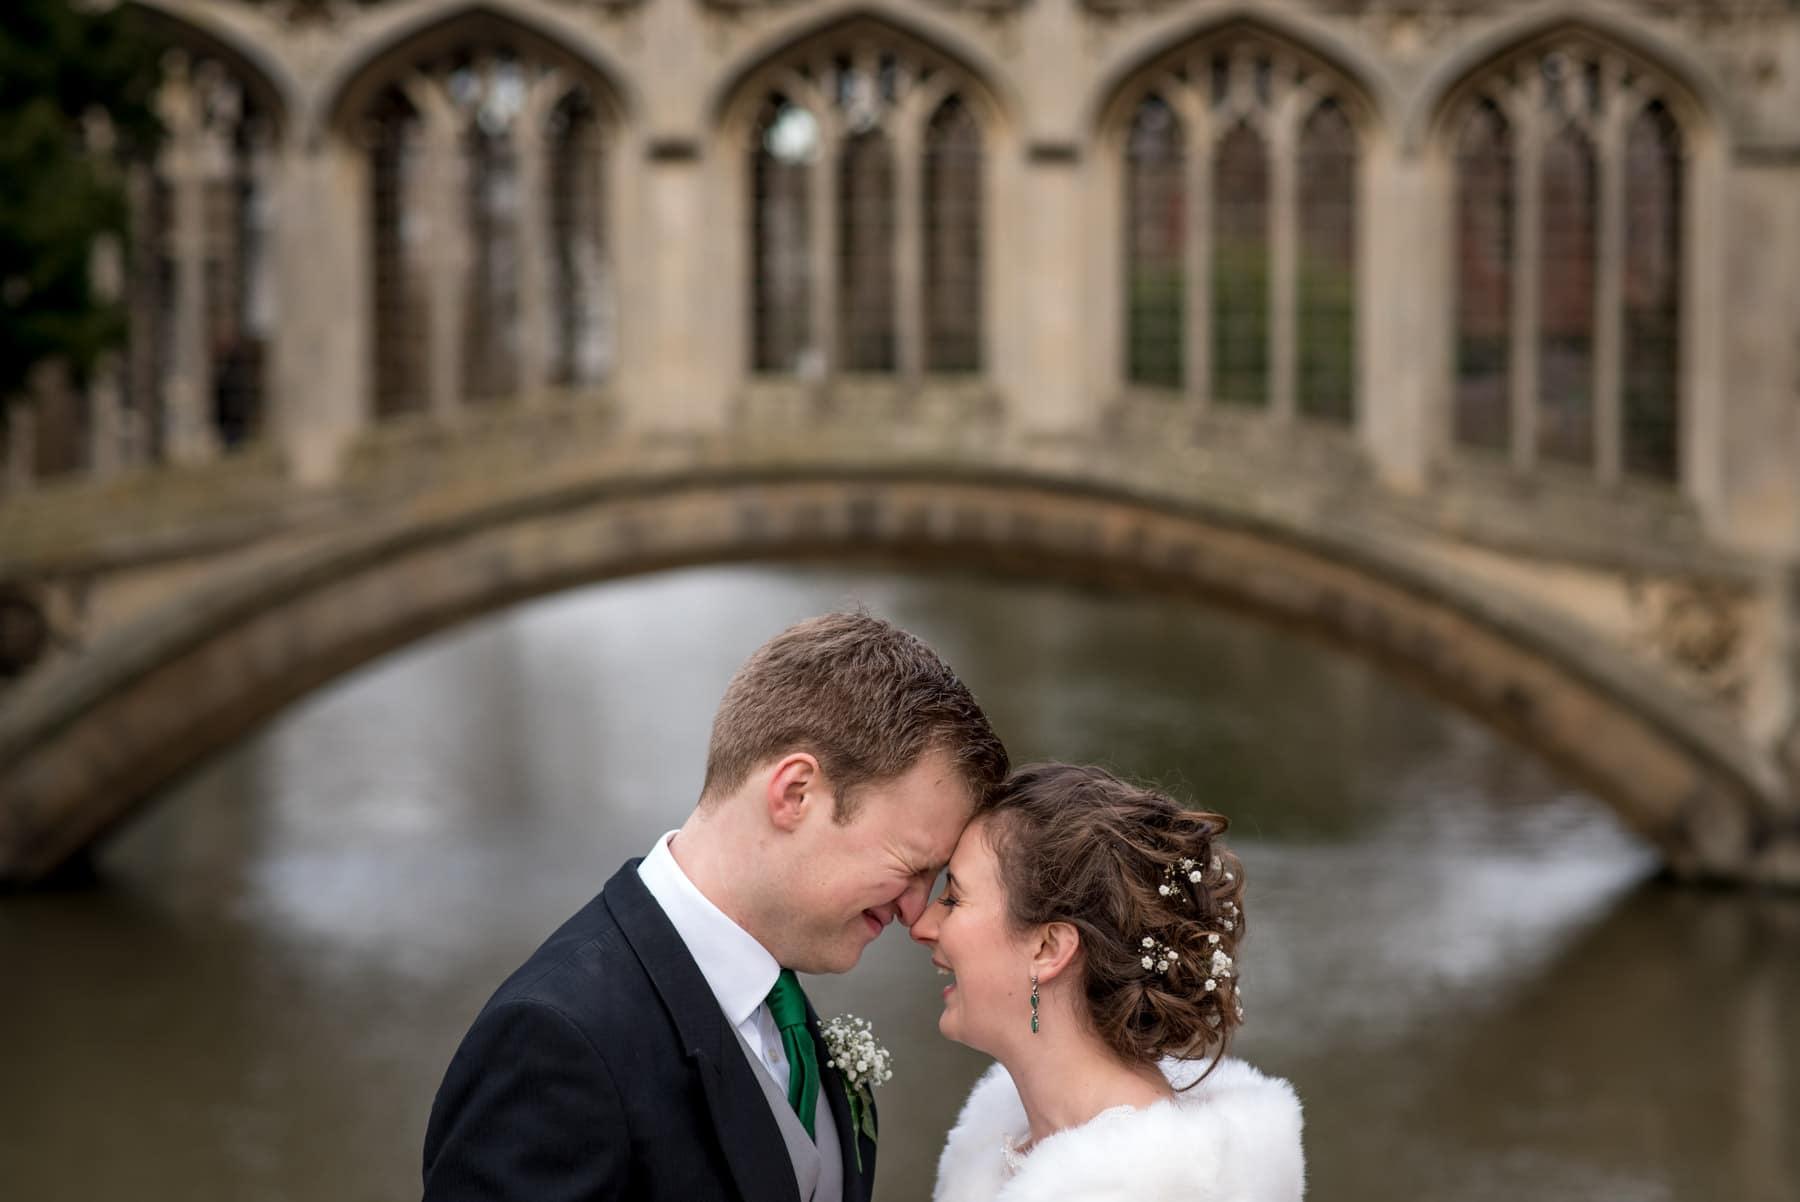 bridge and groom wedding portraits in front of the Bridge of Sighs in Cambridge